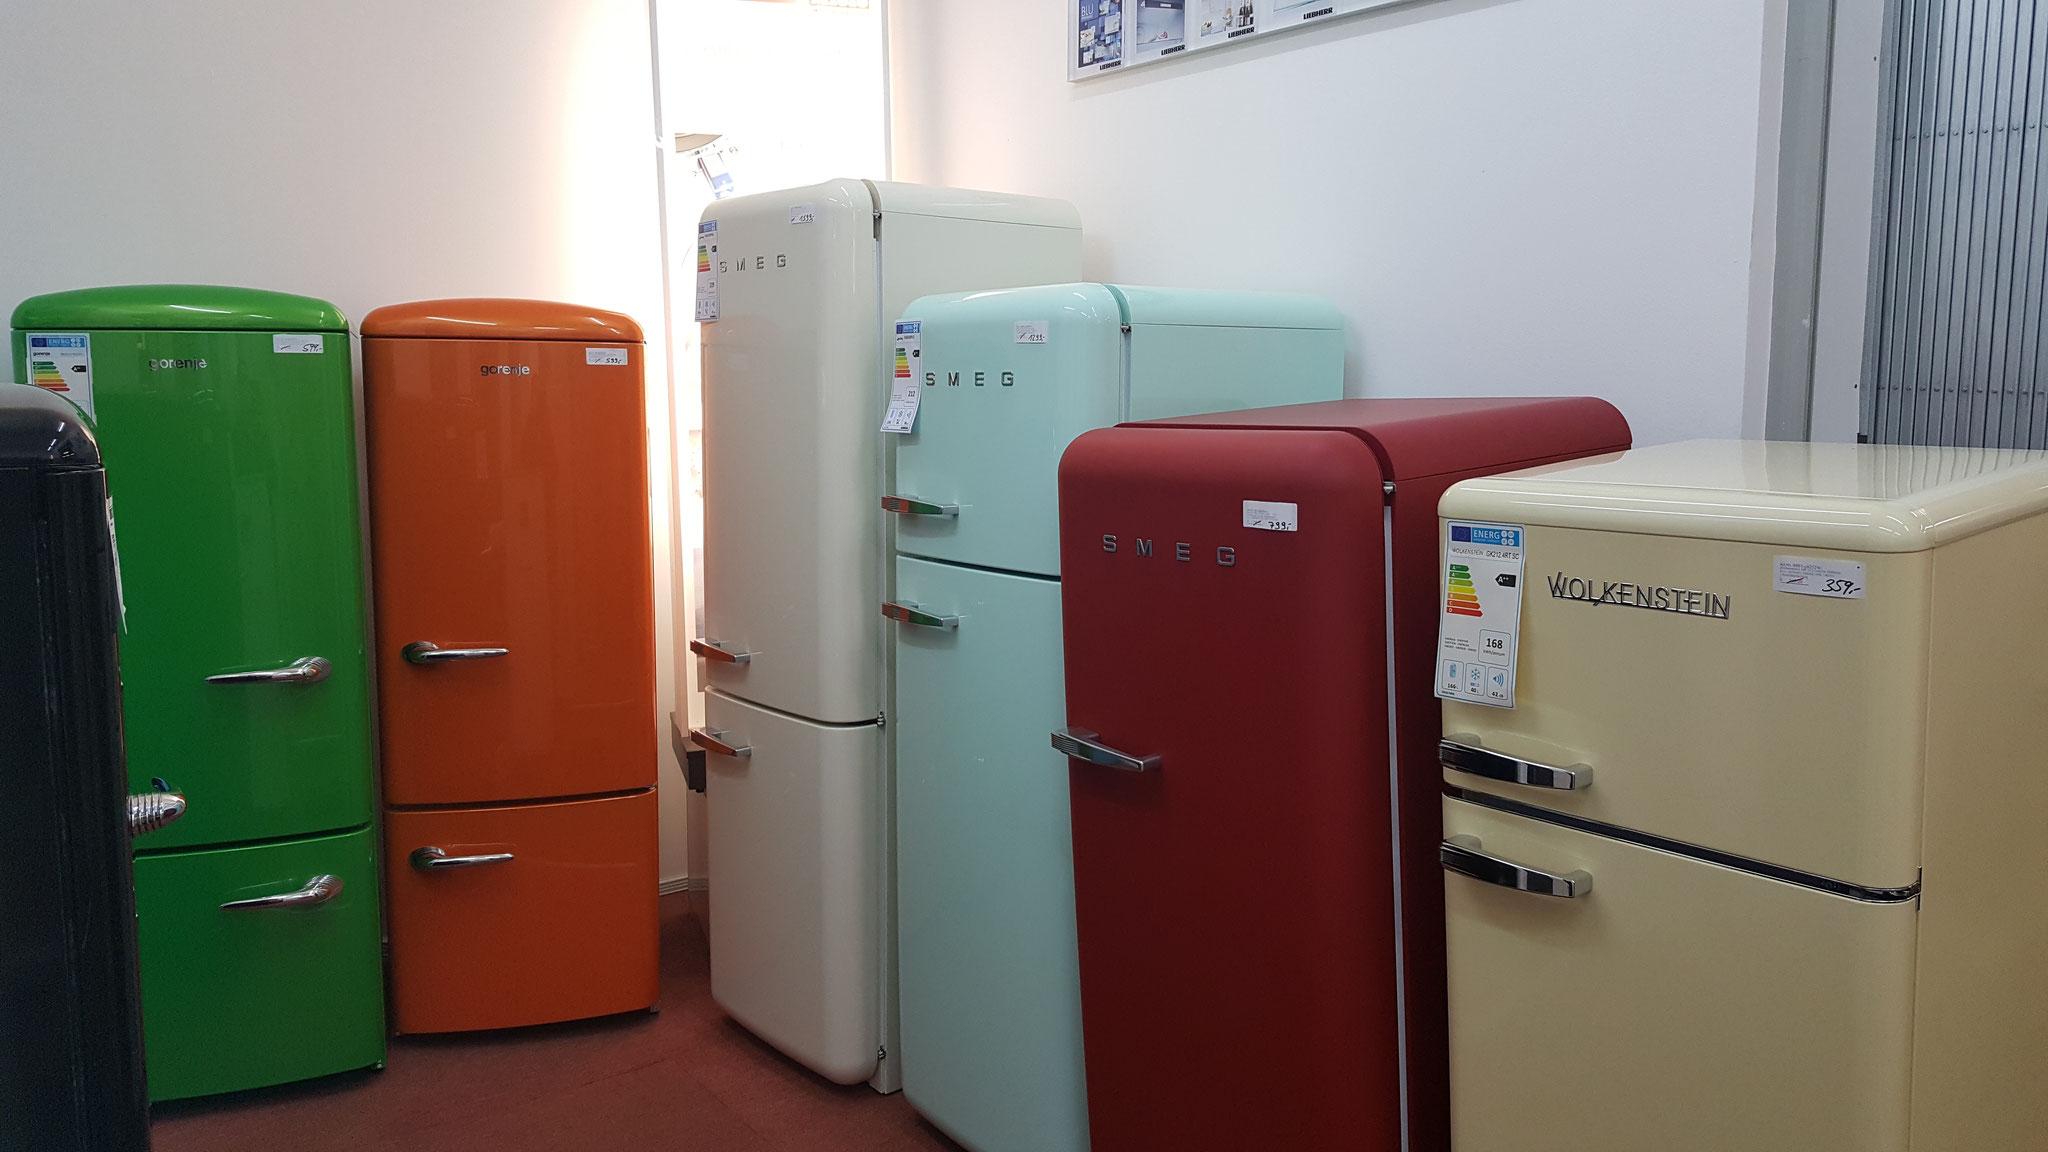 Retro Kühlschrank In Schwarz : Untertheken flaschenkühlschrank schwarz flügeltür gcuc